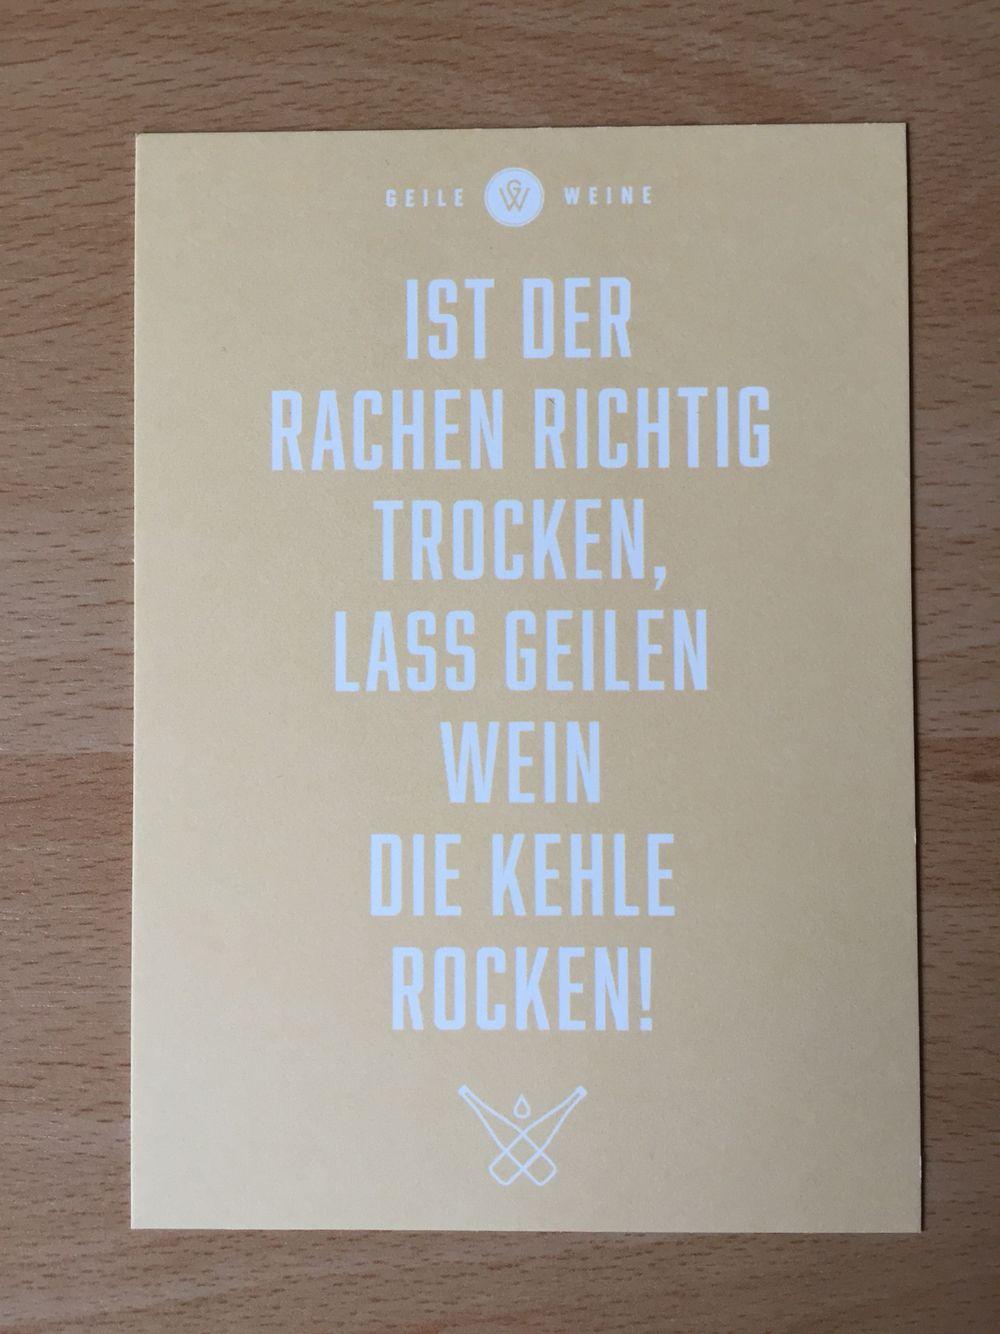 Spruch von Geile Weine | Sprüche für die Küchenwand | Pinterest ...